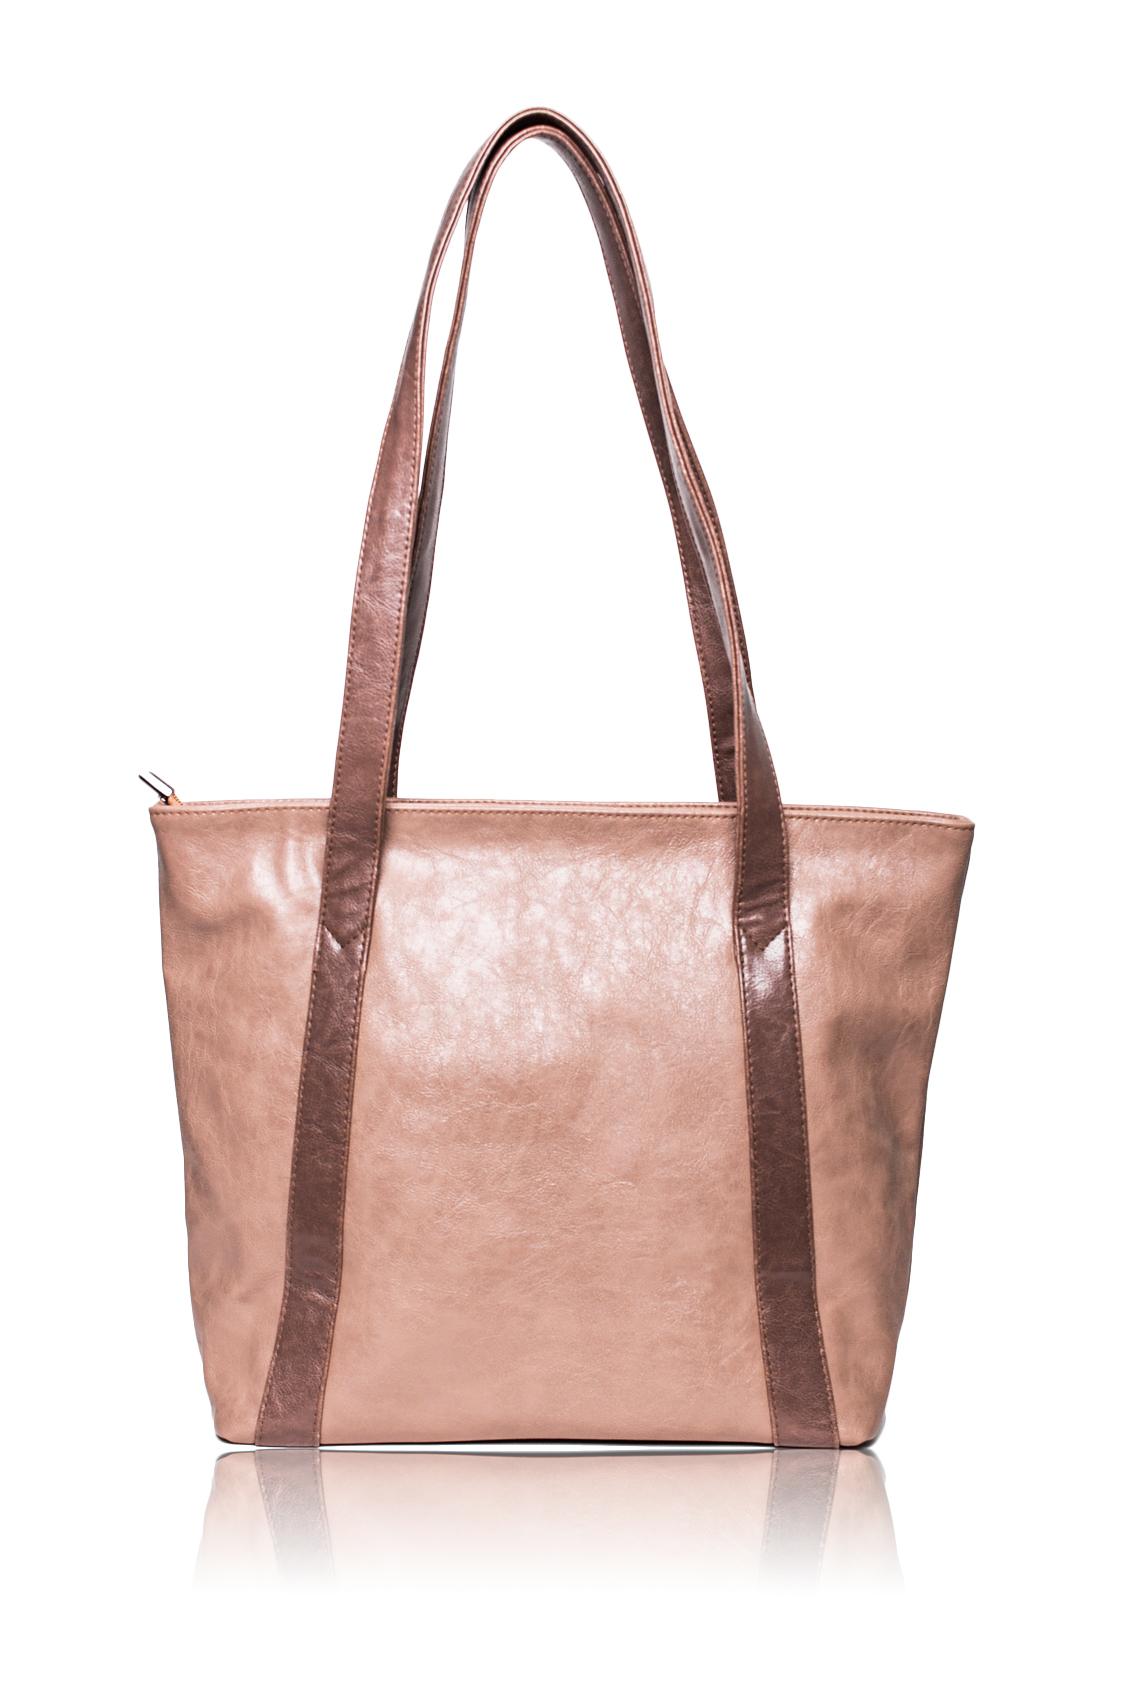 Сумка - шоппингСумки-шоппинг<br>Женские сумки бренда Lacy - это стильные аксессуары, которые по достоинству оценят представительницы прекрасного пола.  Сумка-шоппинг с застежкой на молнию. Внутри два накладных кармана и карман на молнии.   Цвет: бежевый, коричневый.  Размеры: Высота - 31 ± 1 см Длина по дну - 31 ± 1 см Длина по верху - 40 ± 1 см Глубина - 11,5 ± 1 см<br><br>По образу: Город<br>По материалу: Искусственная кожа<br>По размеру: Средние<br>По рисунку: Однотонные<br>По элементам: Карман на молнии,Карман под телефон<br>По силуэту стенок: Трапециевидные<br>По способу ношения: На плечо<br>По степени жесткости: Мягкие<br>По типу застежки: С застежкой молнией<br>Ручки: Длинные<br>Размер: 1<br>Материал: Искусственная кожа<br>Количество в наличии: 1